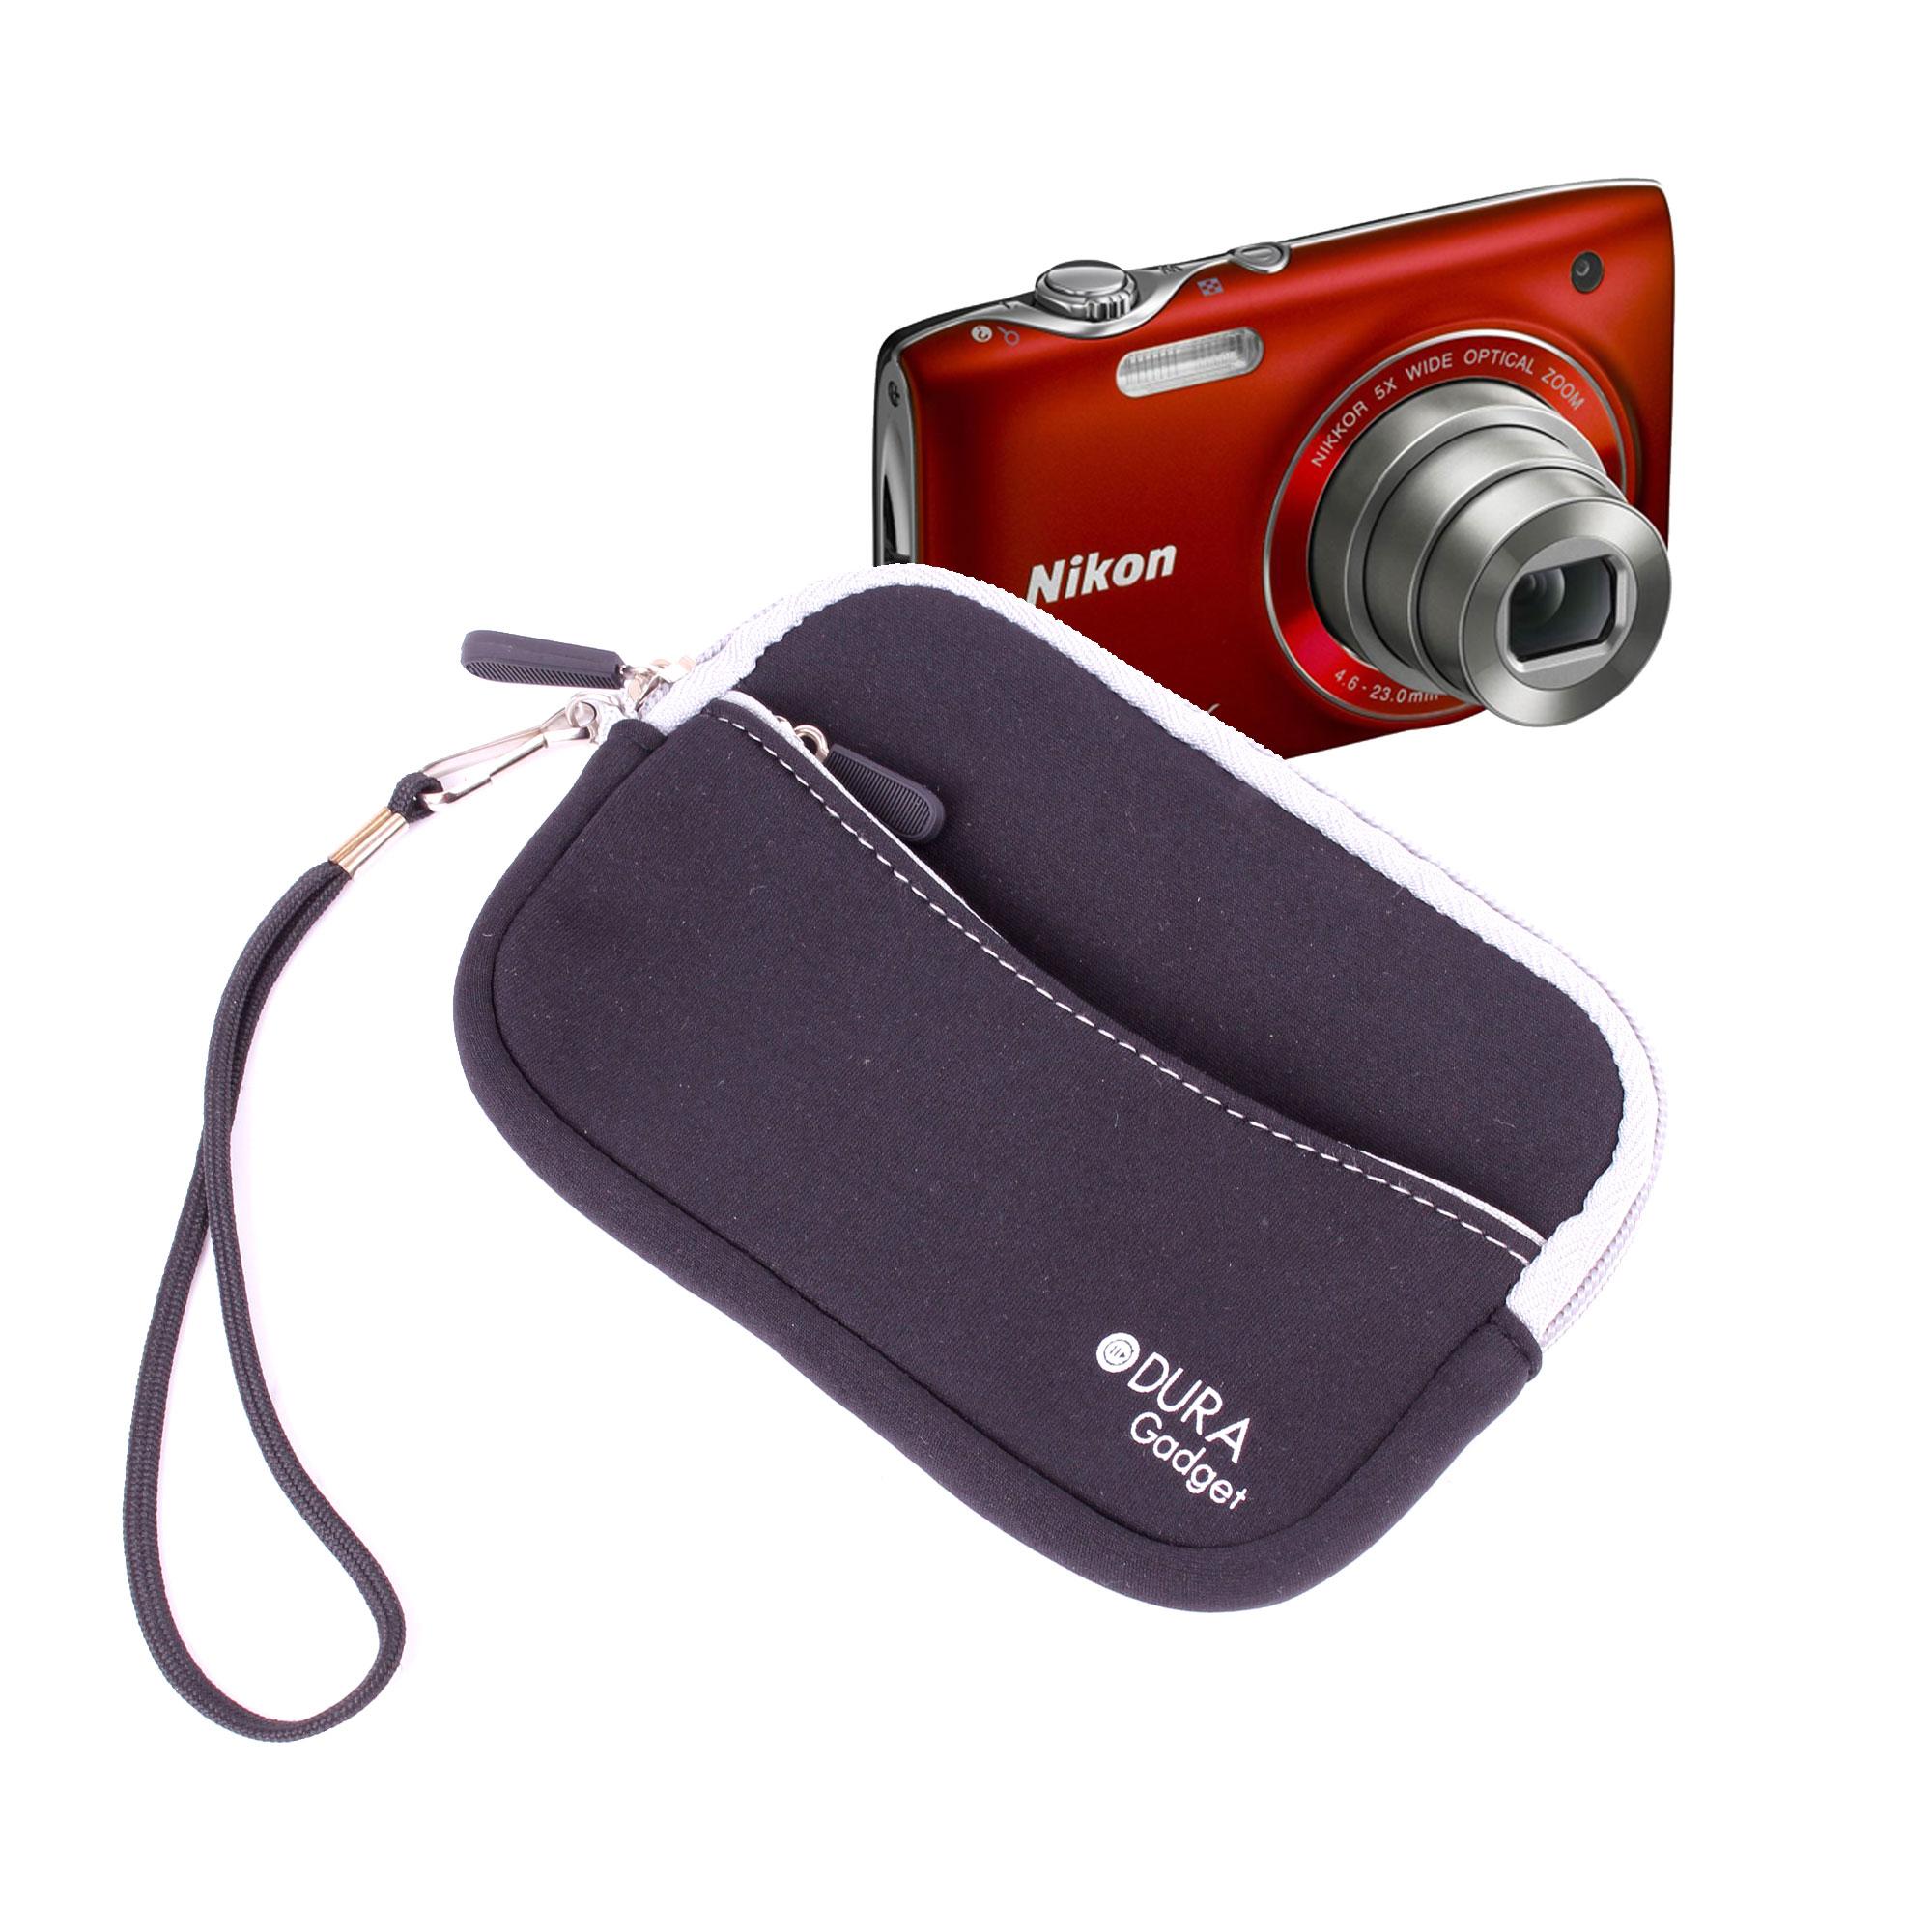 Housse noire pour appareil photo compact nikon coolpix - Housse appareil photo compact ...